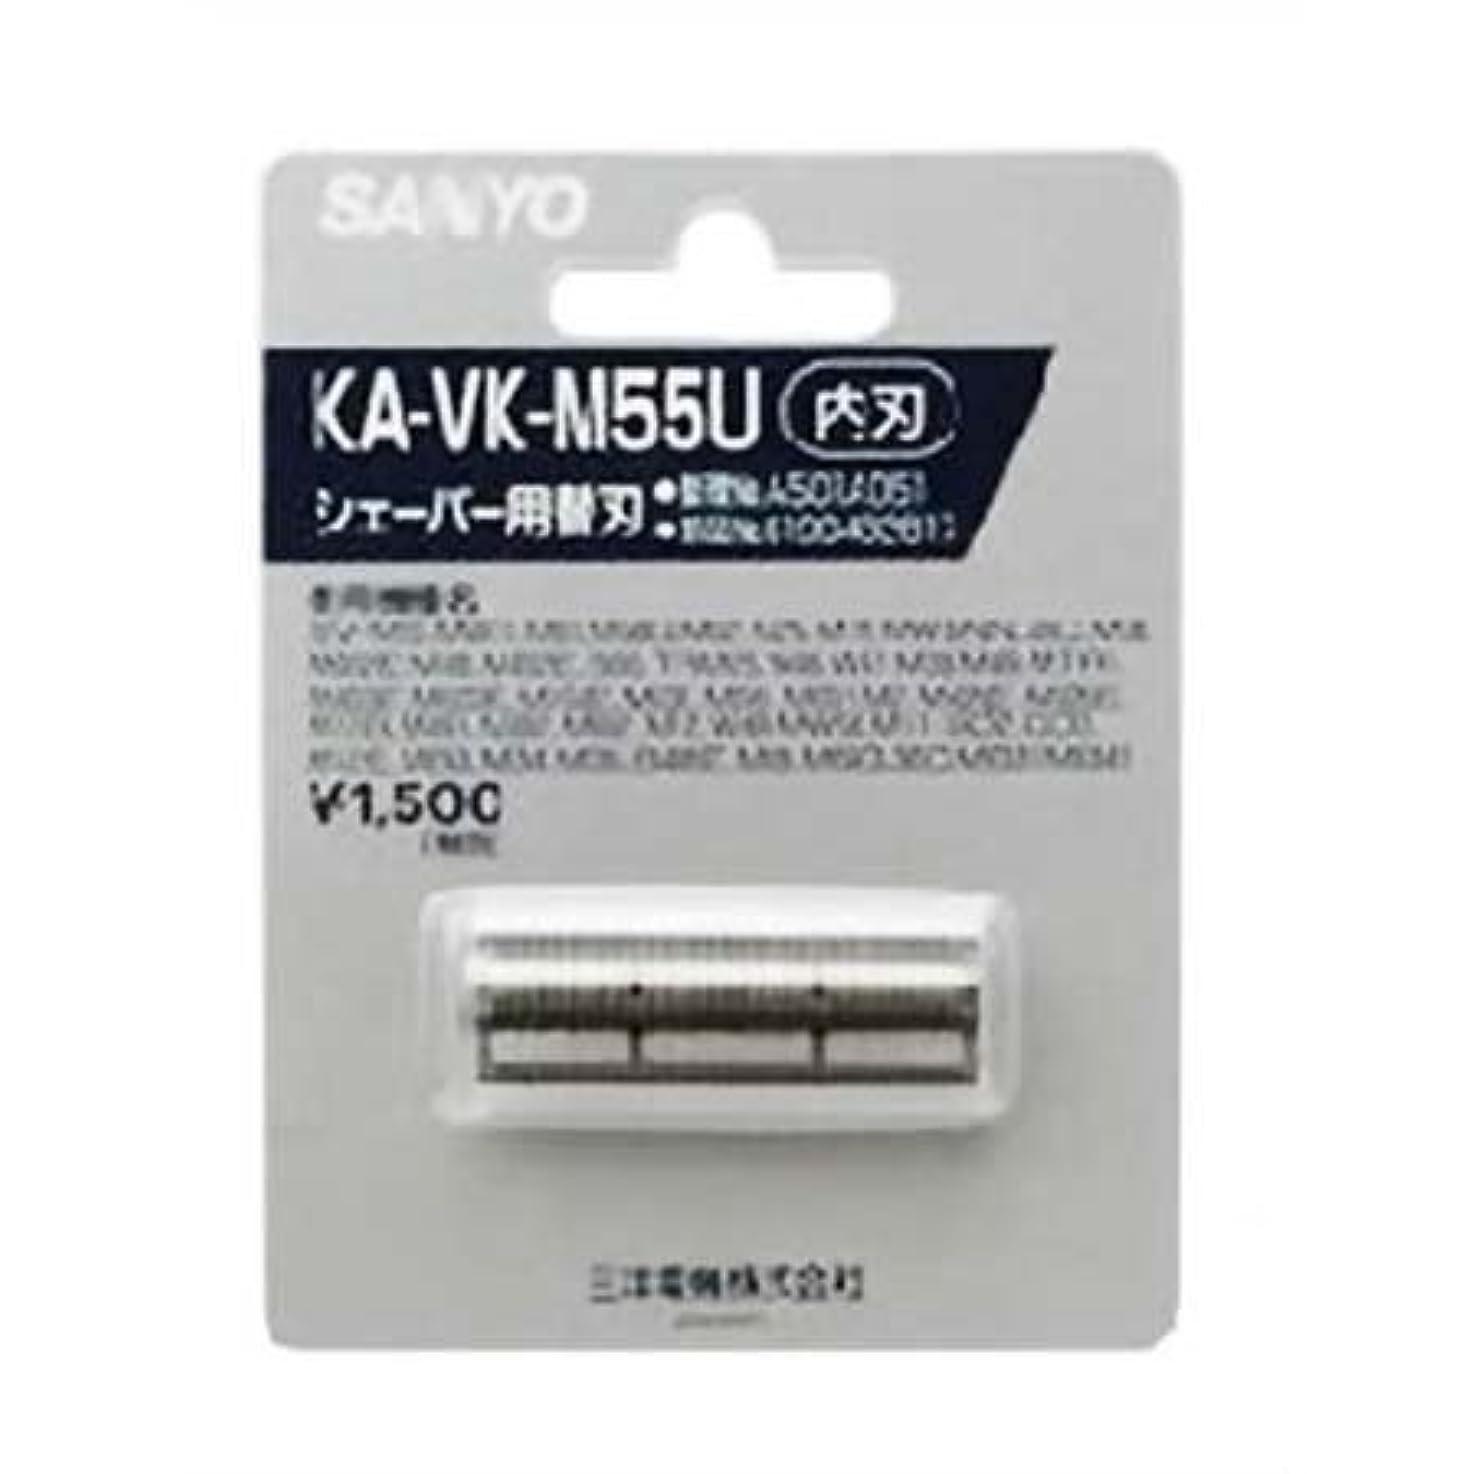 切手ドライ攻撃SANYO シェーバー用替刃 内刃 KA-VK-M55U